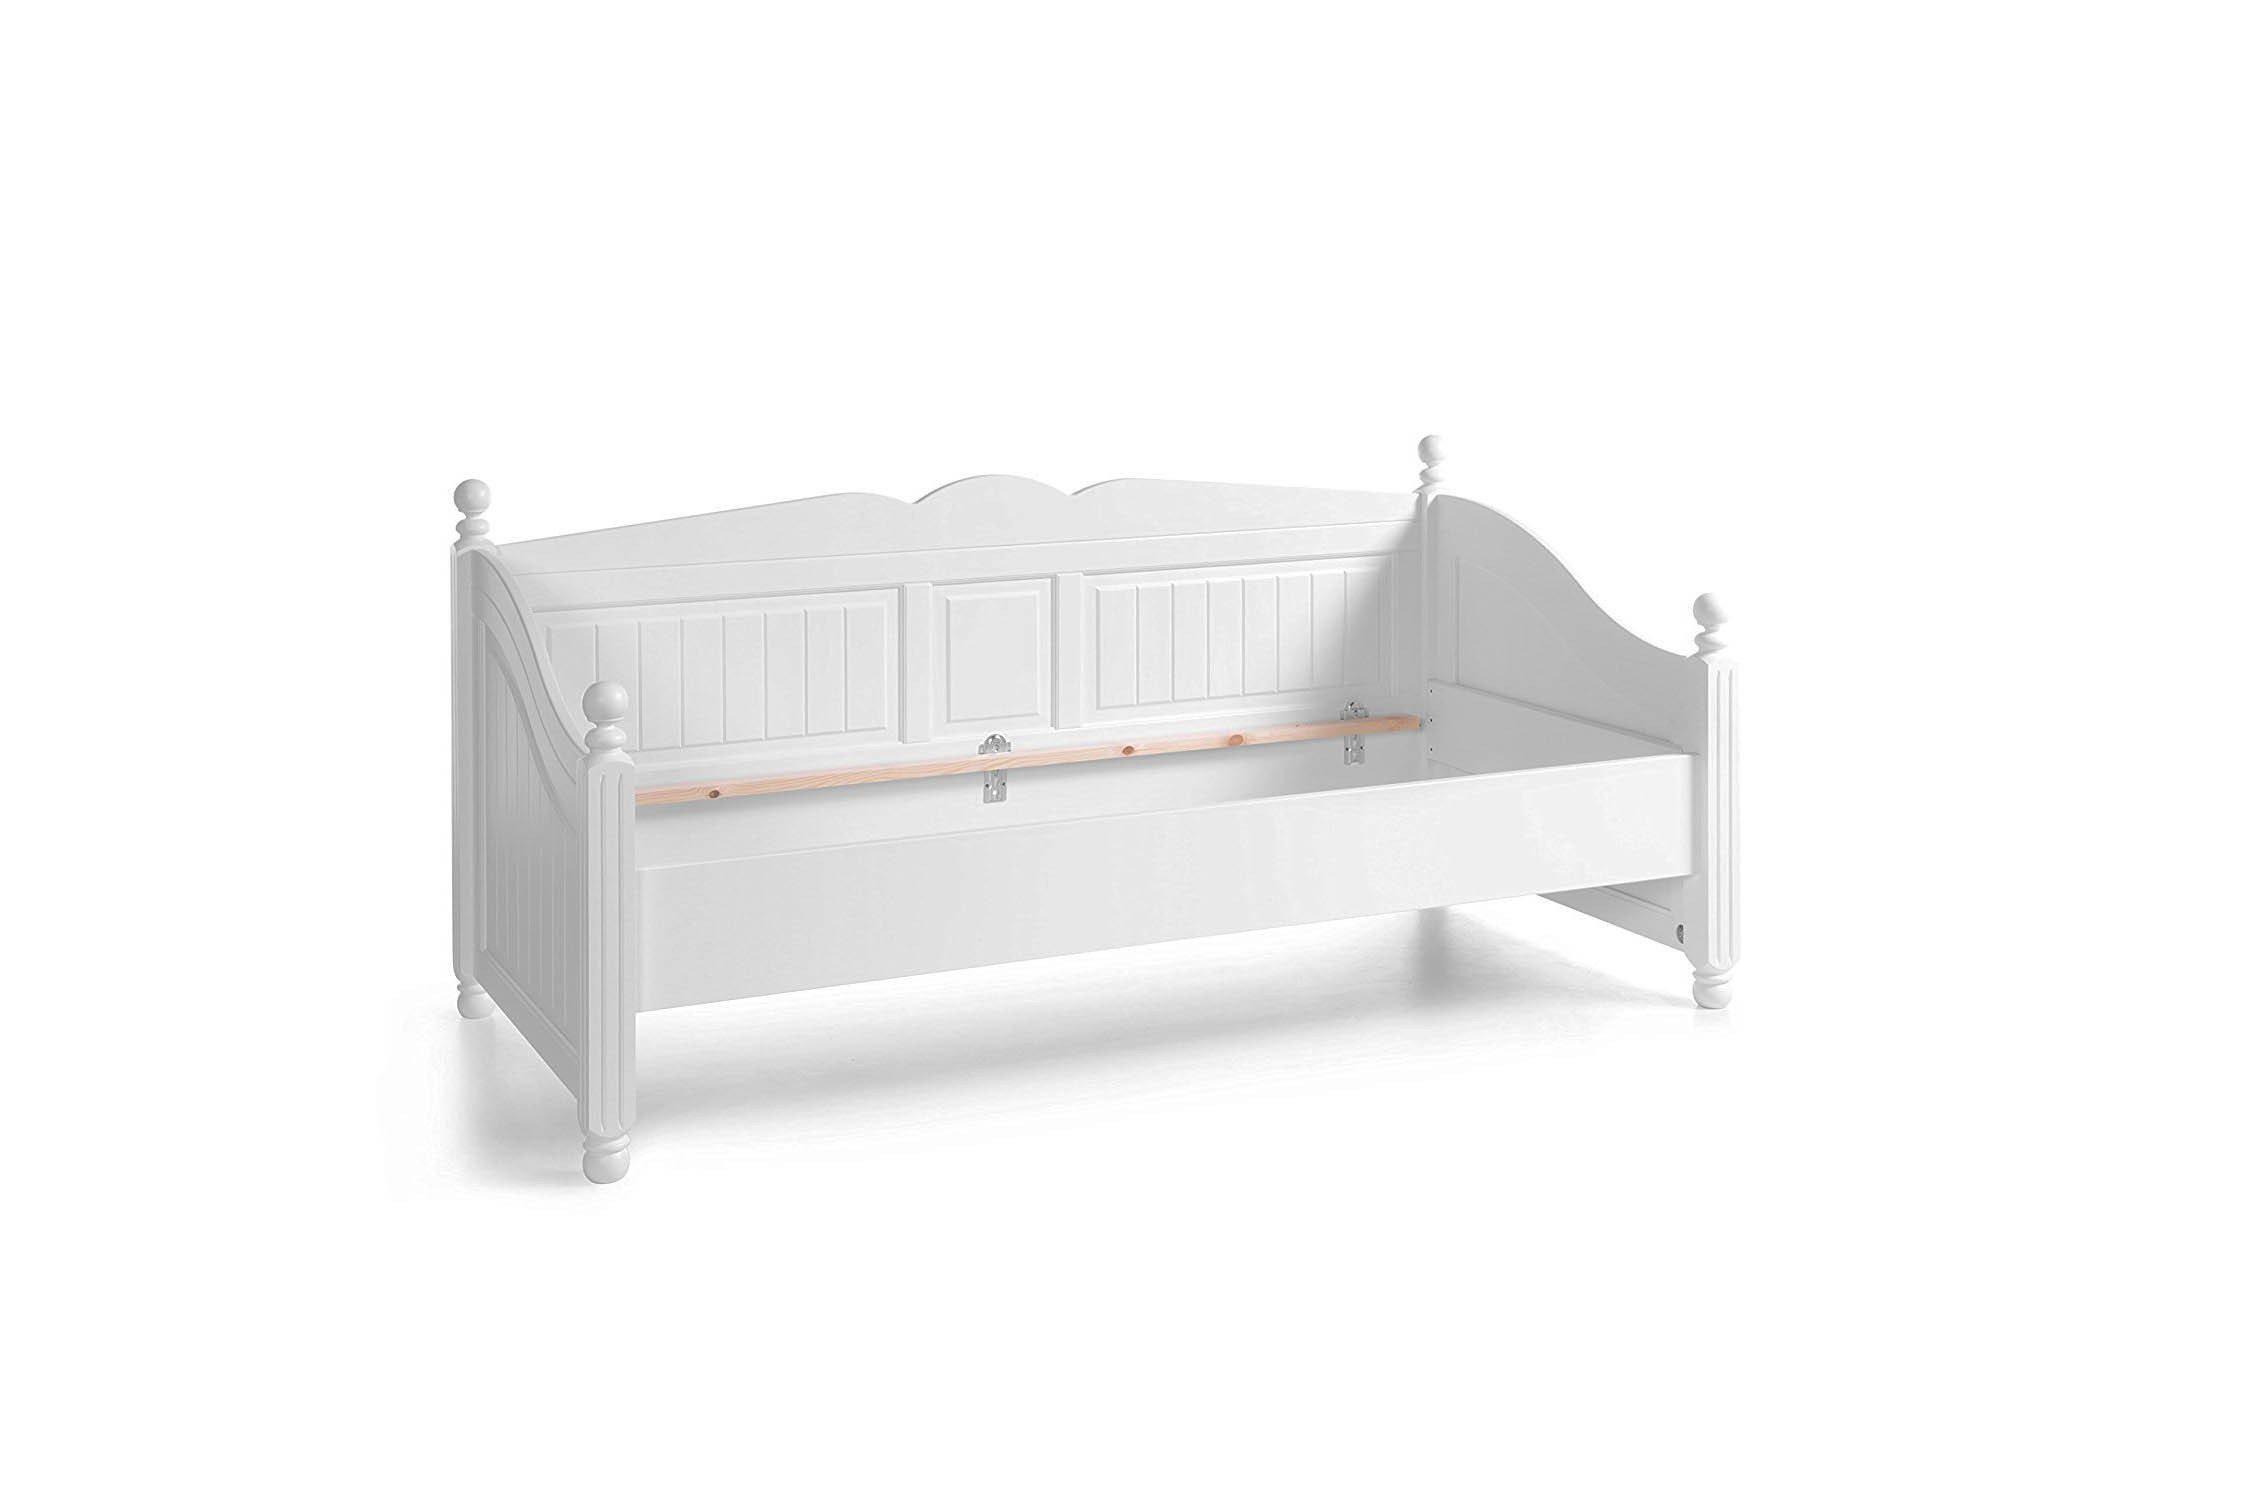 schlafkontor kojenbett cinderella premium m bel letz. Black Bedroom Furniture Sets. Home Design Ideas